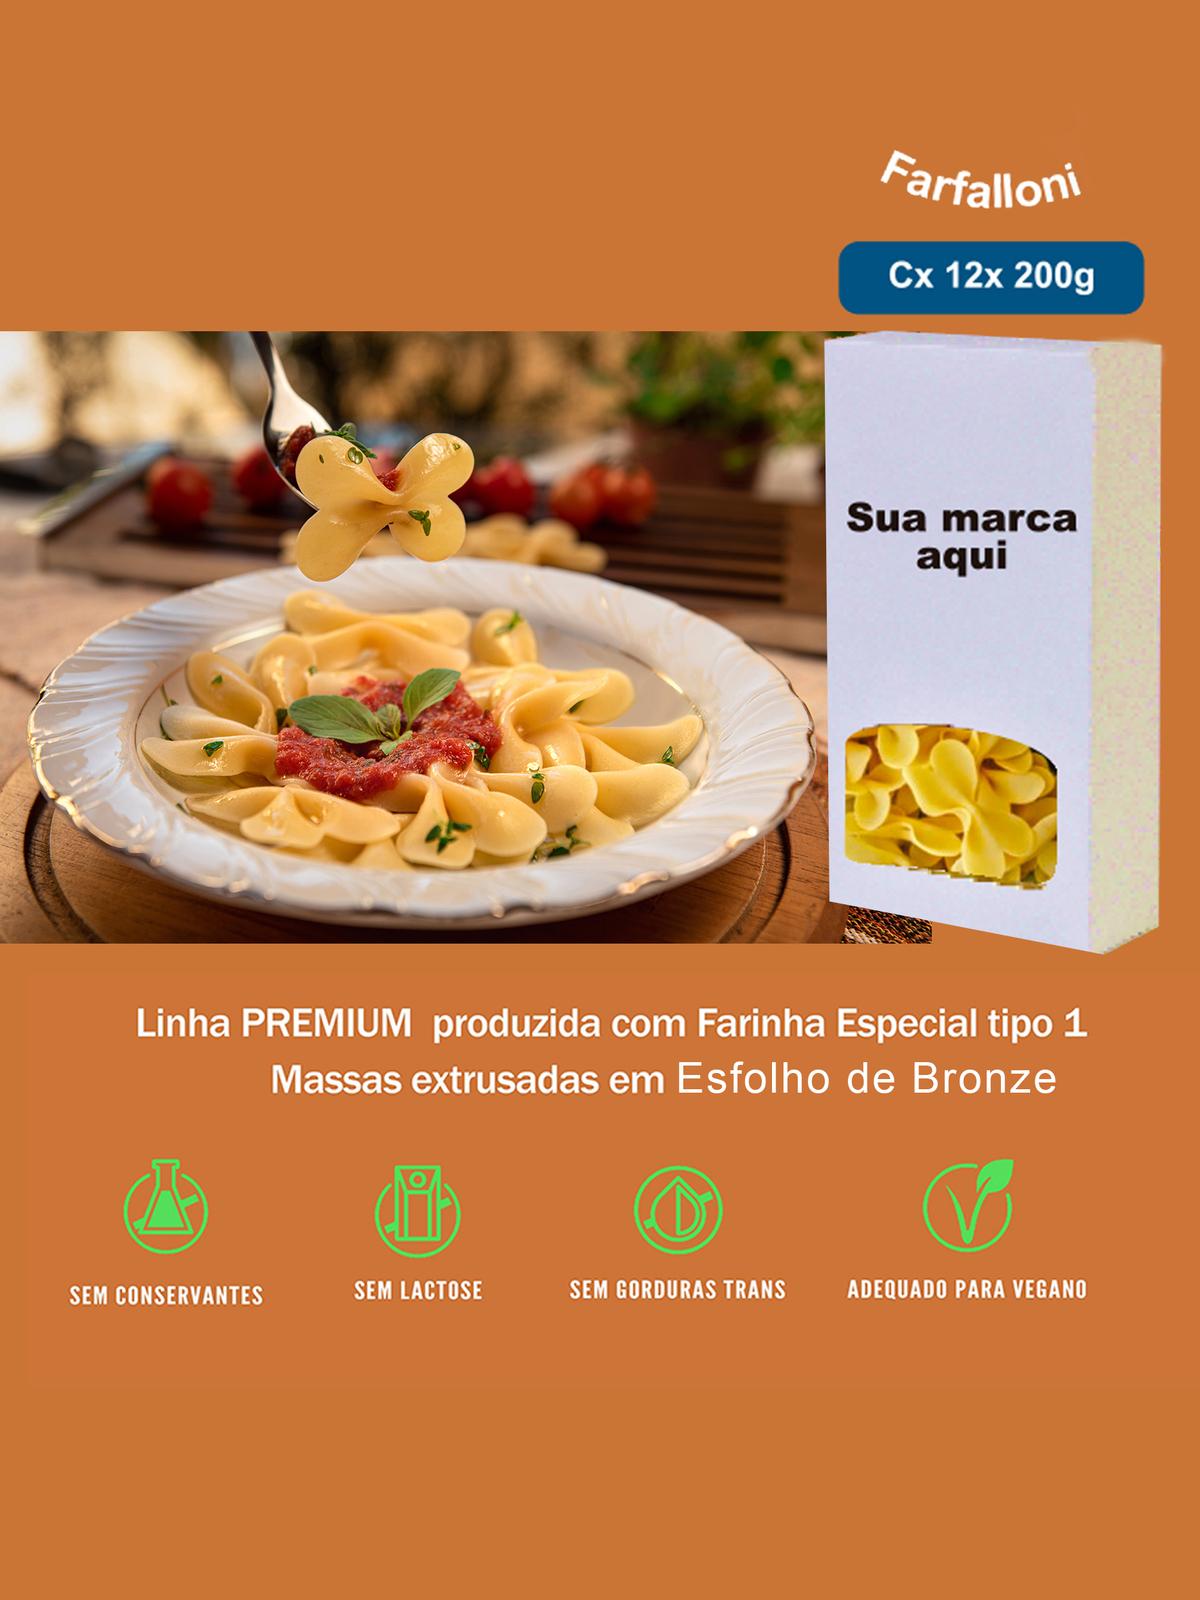 Imagem capa - Farfalloni Linha Premium por pastificiofasson